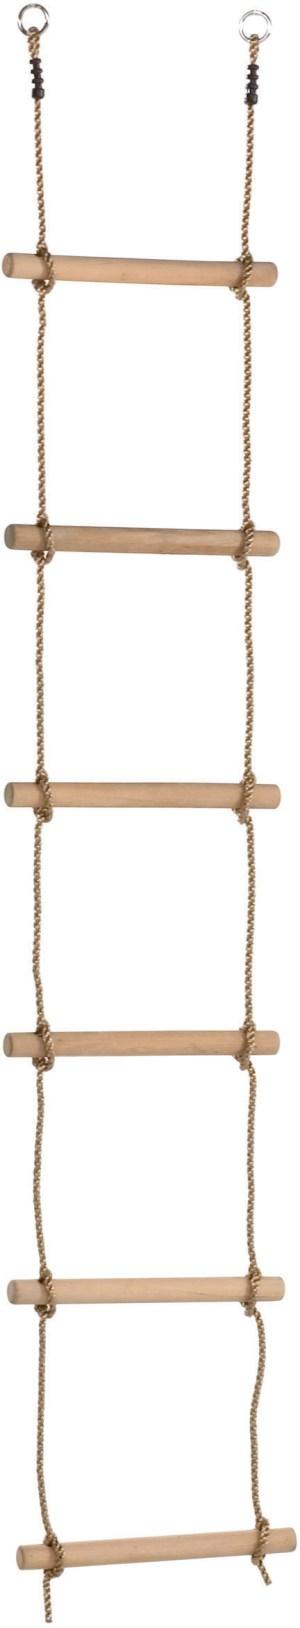 Touwladder 10 sporten (PP-touwenset) - schommelbalkhoogte 3,5 m.